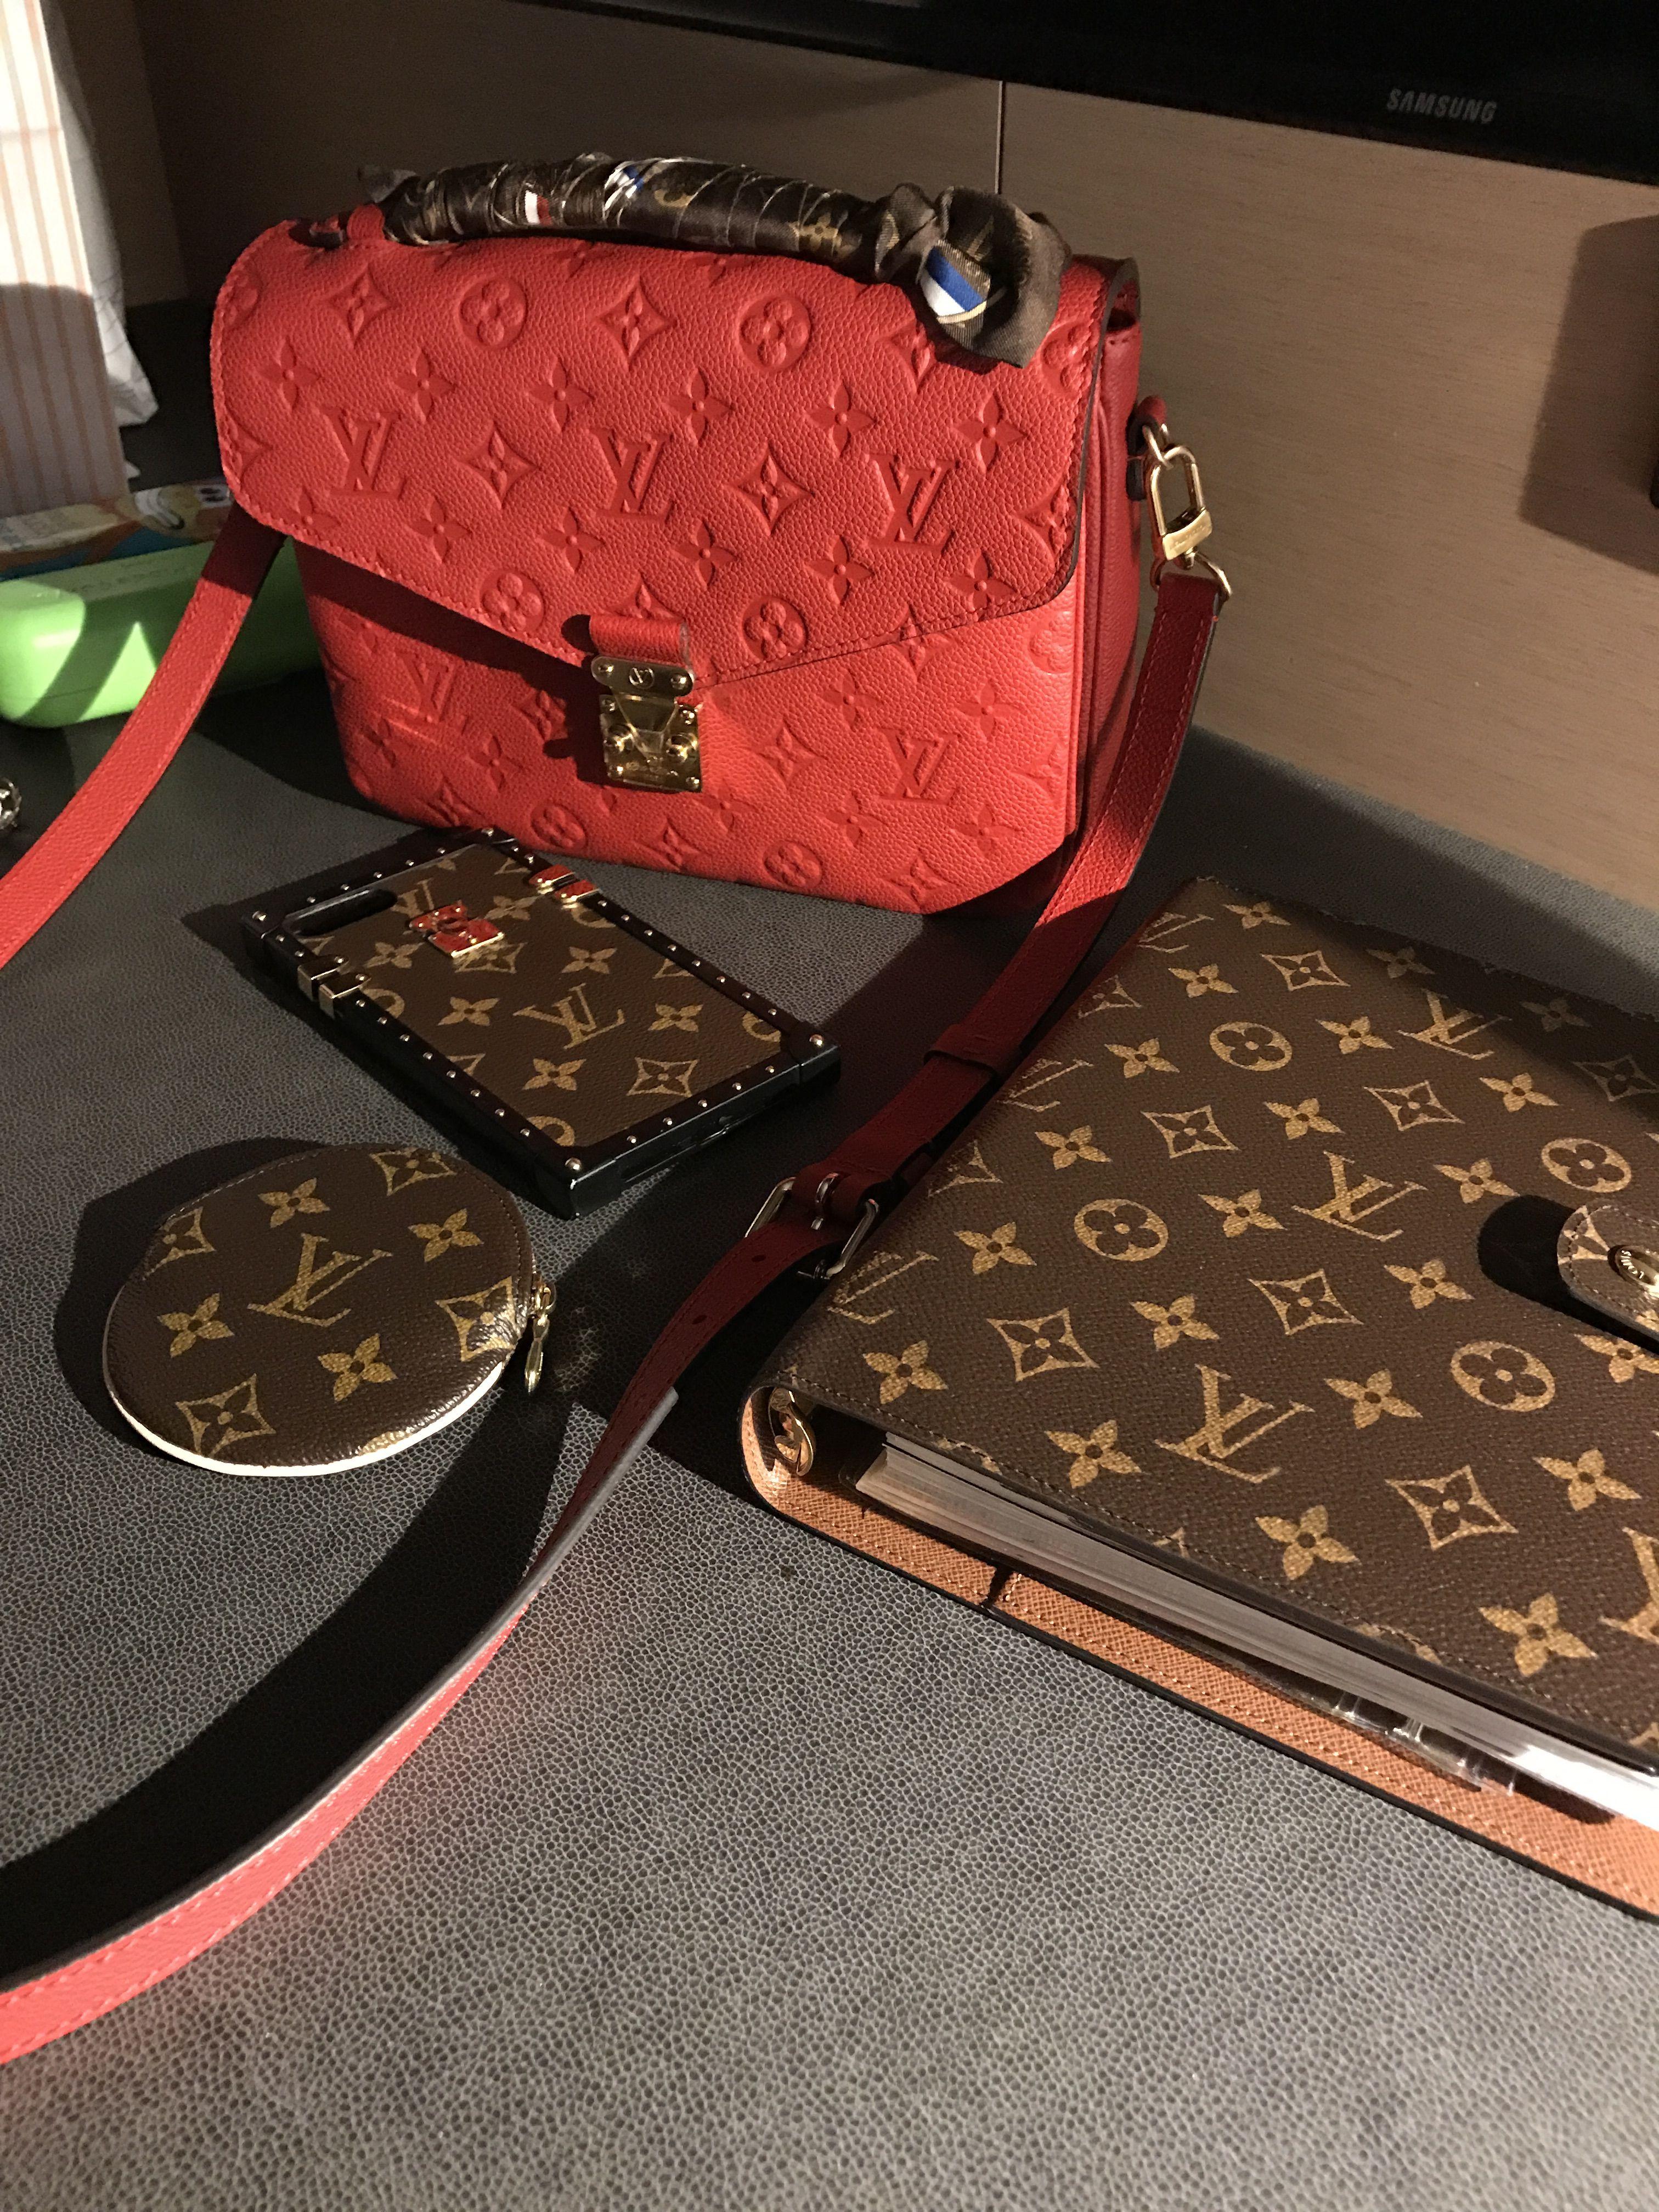 604241c89c6f Louis Vuitton Pochette Metis in Empreinte Cherry Red